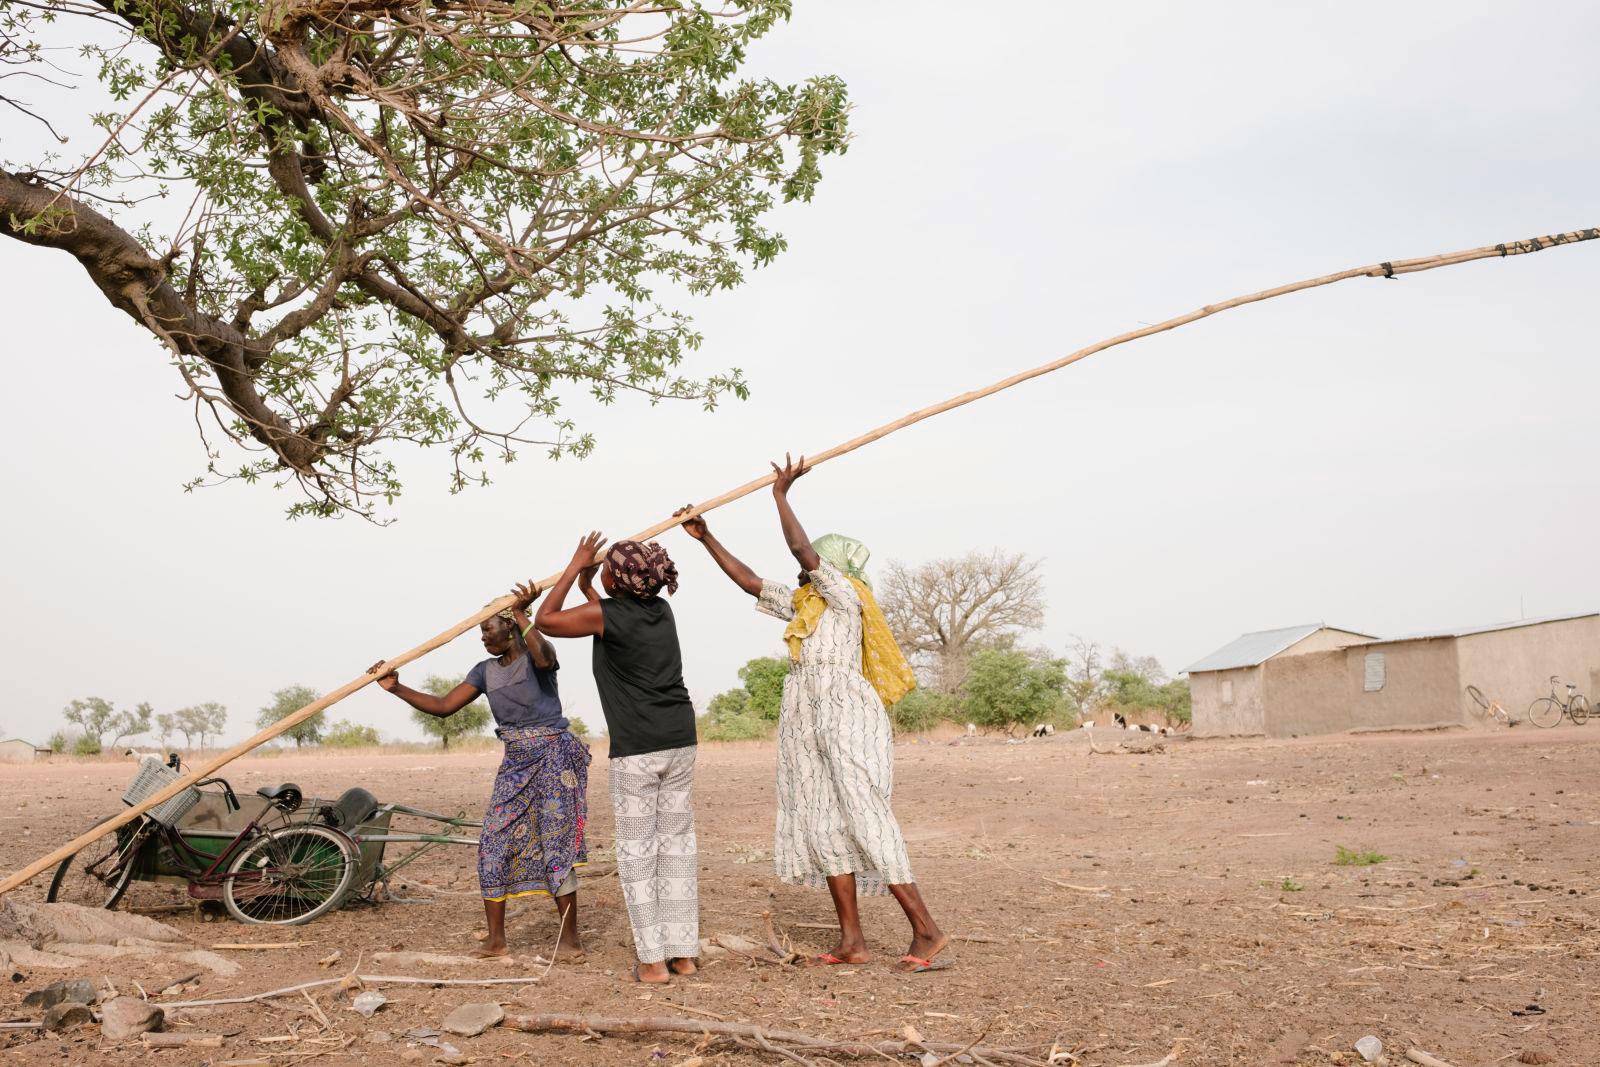 Ecosia buscador planta arboles el mundo ecologico